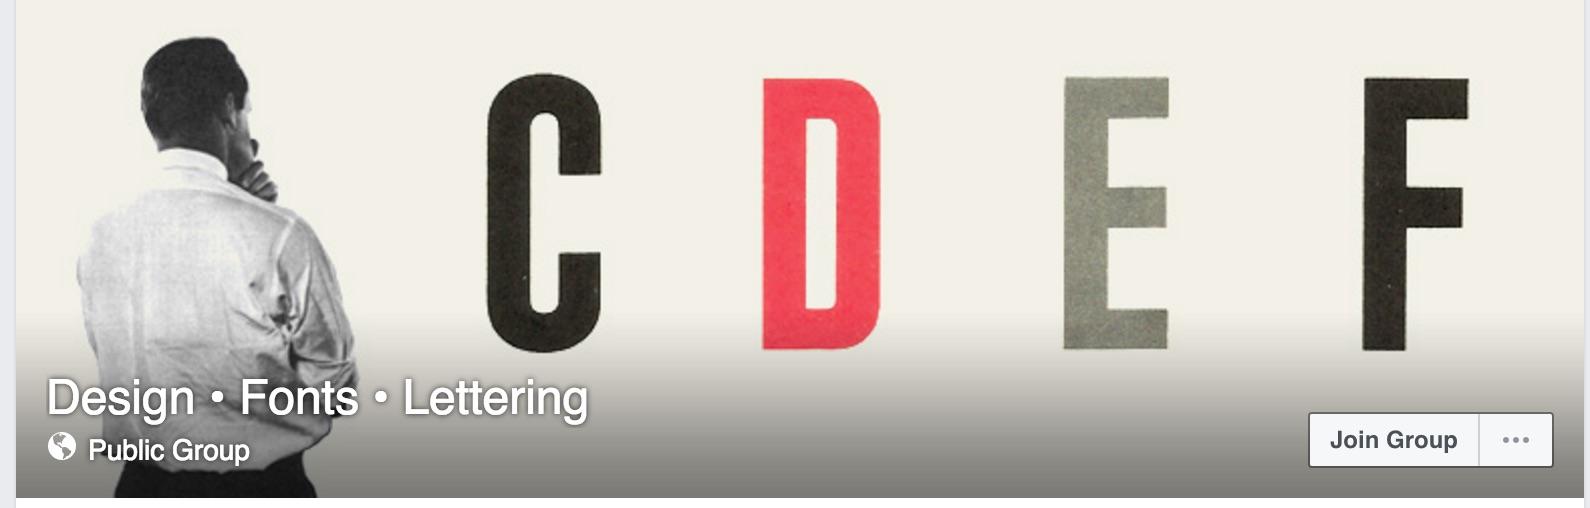 Facebook-Groups-for-Designers-Design_•_Fonts_•_Lettering